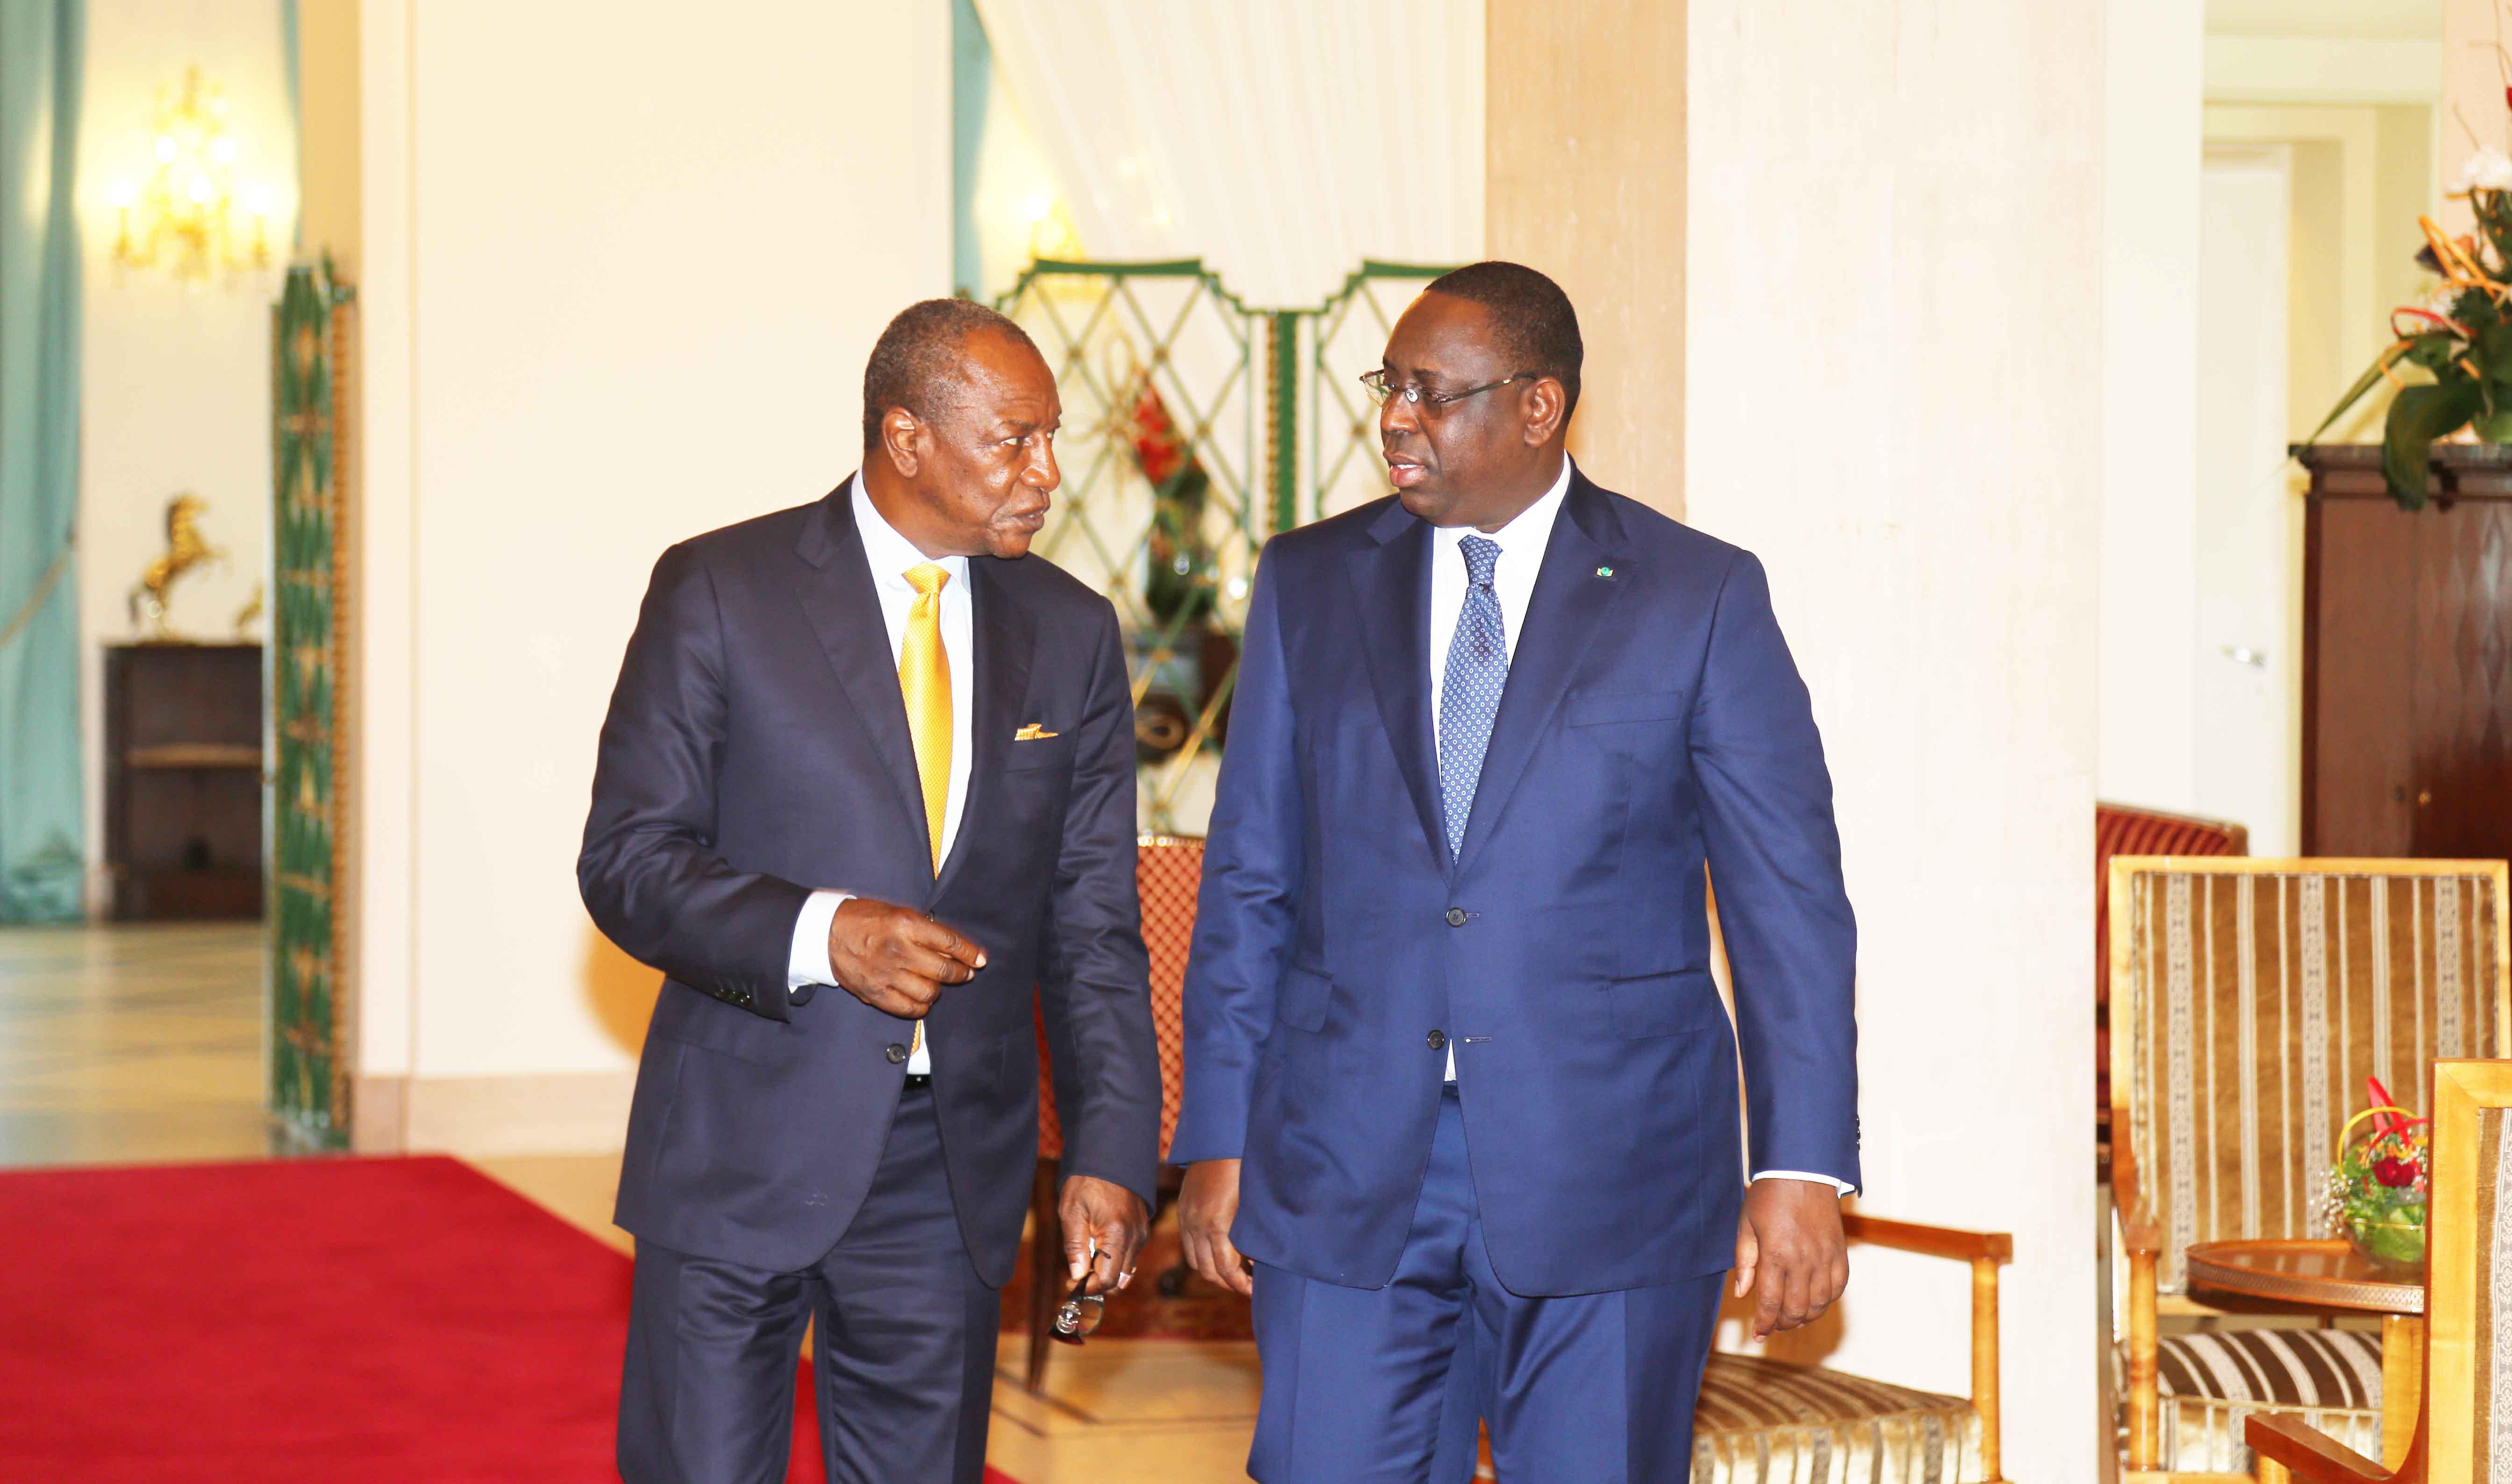 Lutte contre le terrorisme: Le Président guinéen, Alpha Condé, contre le port du voile intégral dans l'espace CEDEAO